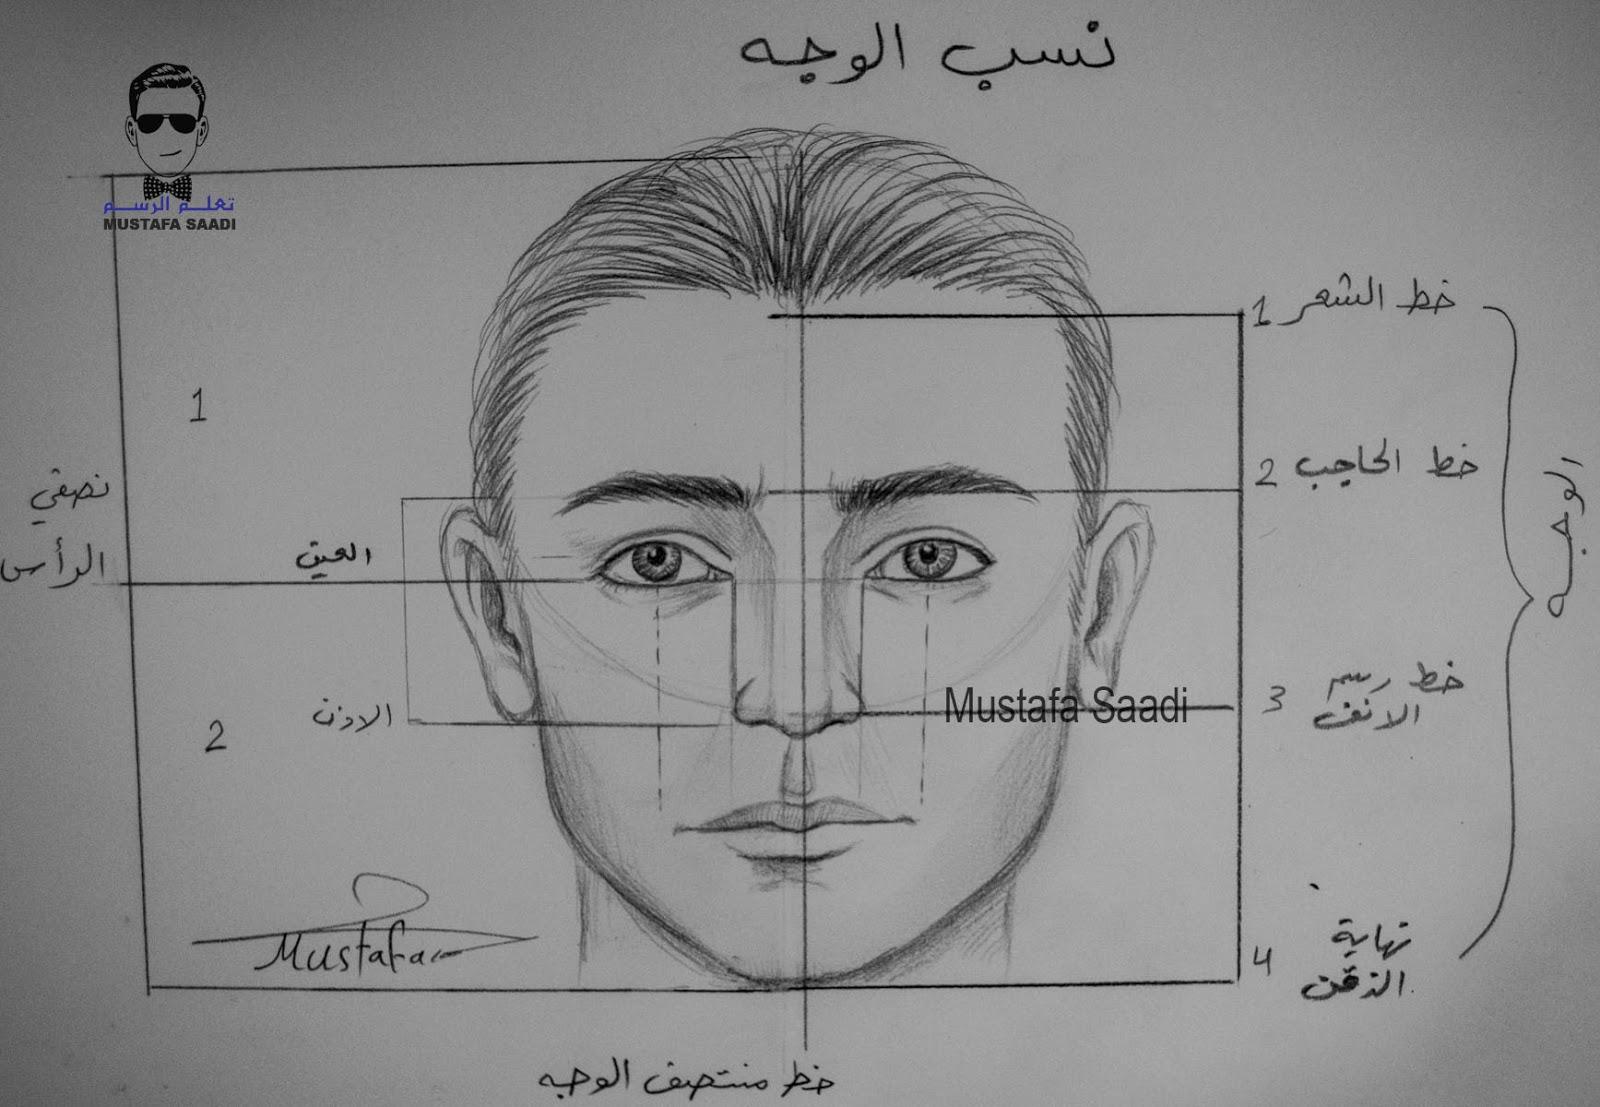 تعلم رسم نسب الوجه للرجل بالرصاص مع الخطوات للمبتدئين تعلم الرسم